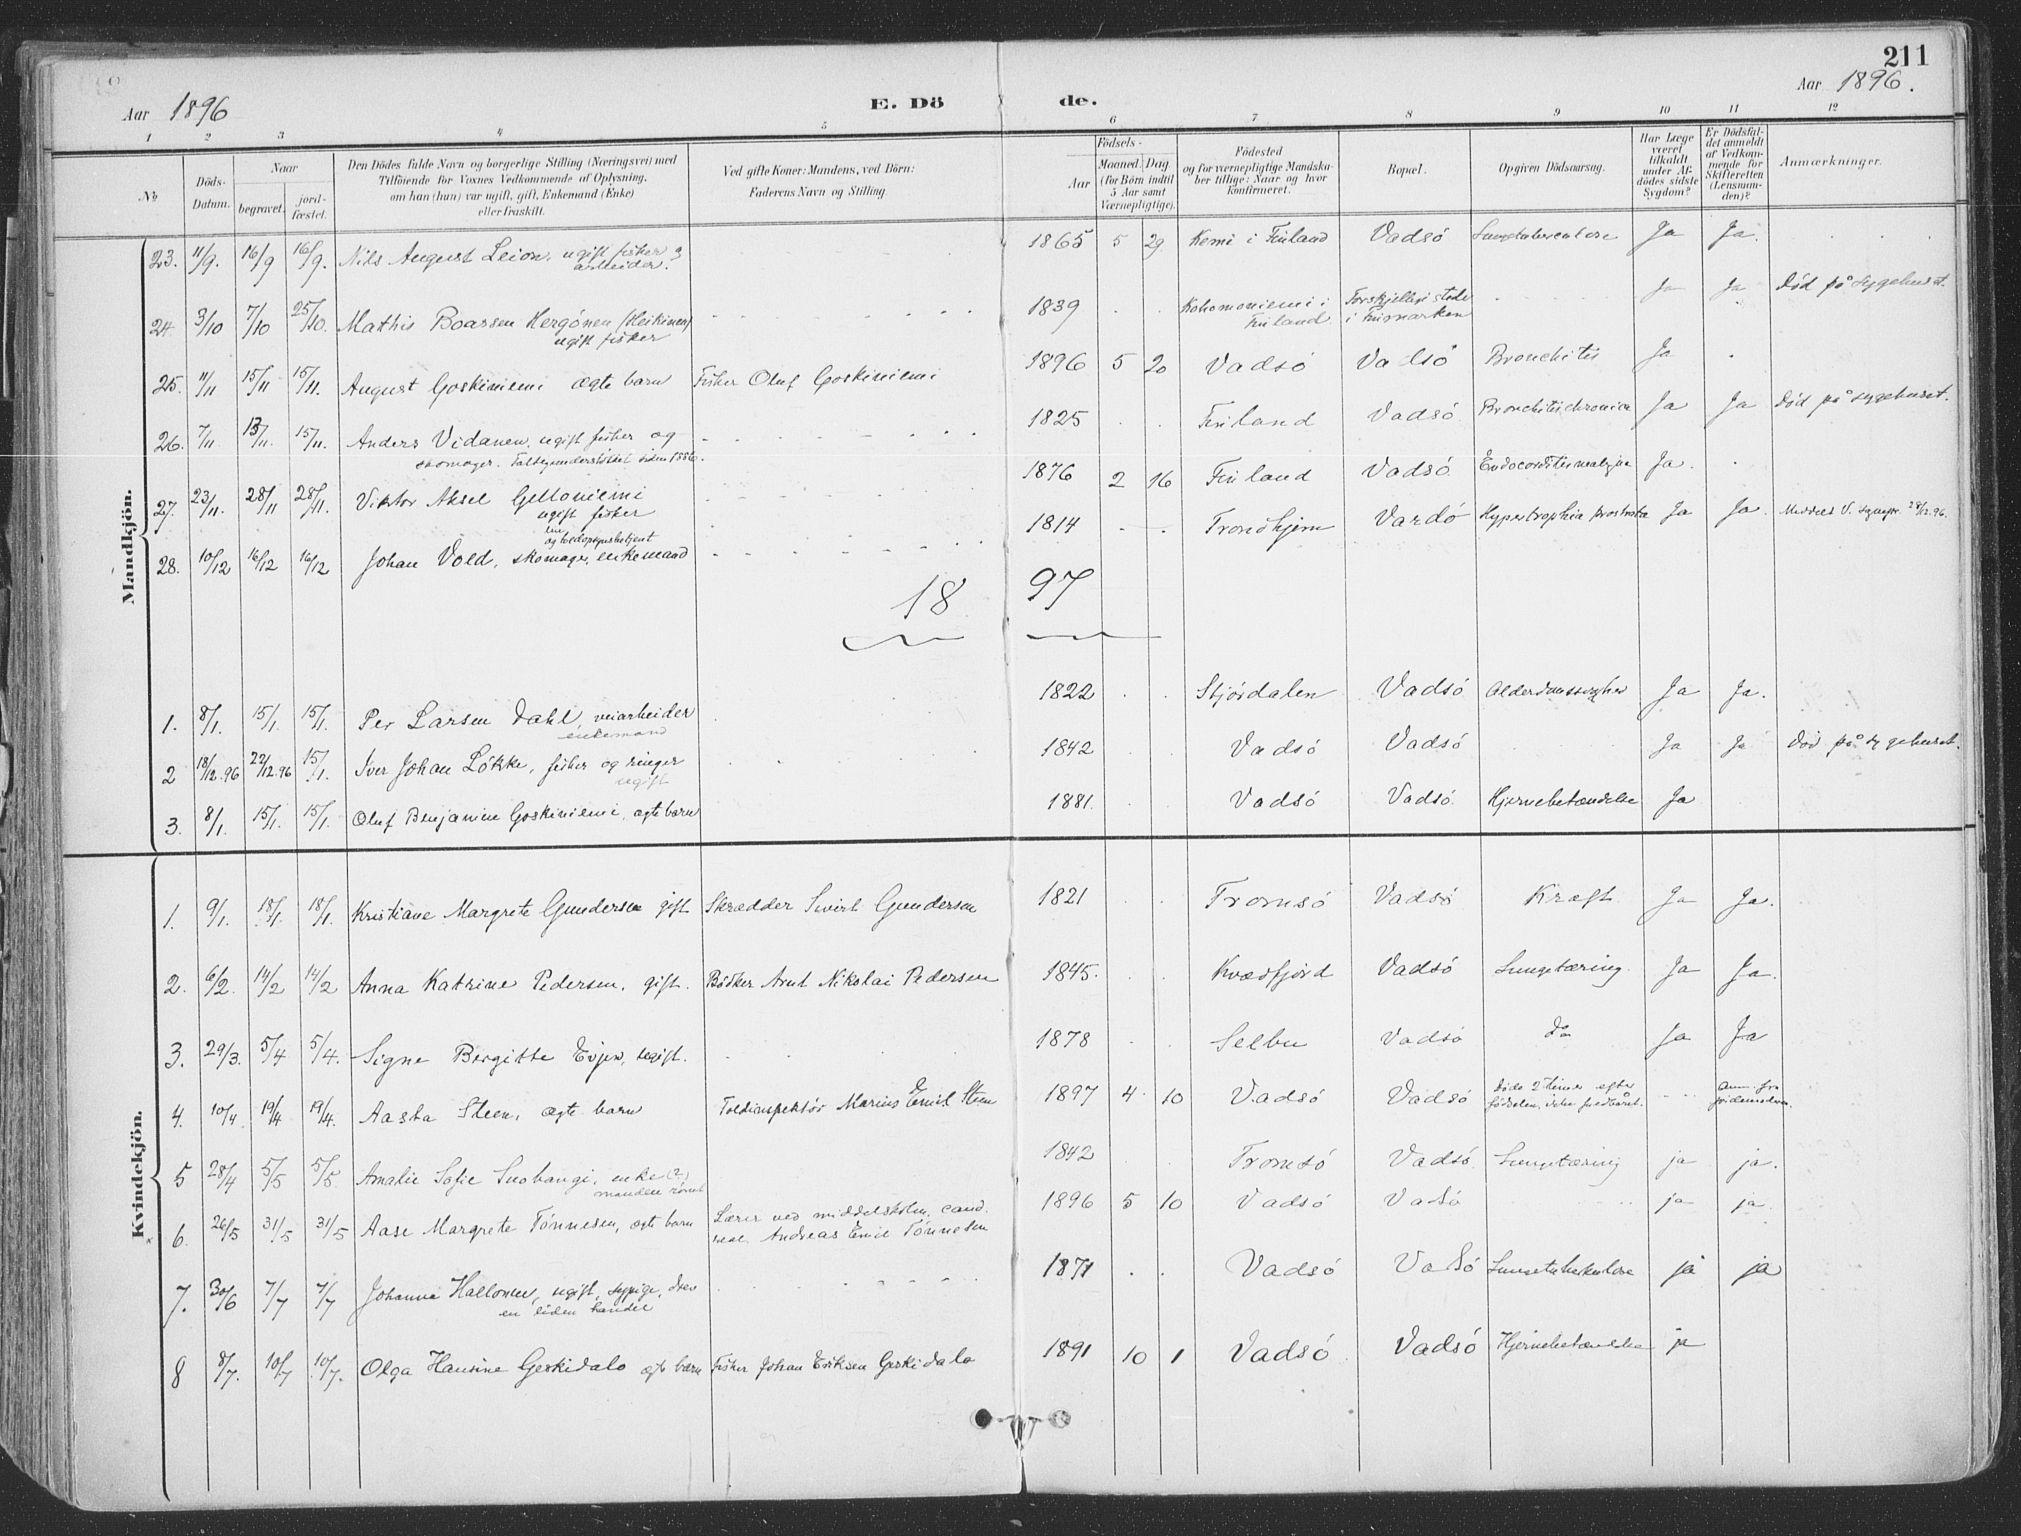 SATØ, Vadsø sokneprestkontor, H/Ha/L0007kirke: Ministerialbok nr. 7, 1896-1916, s. 211